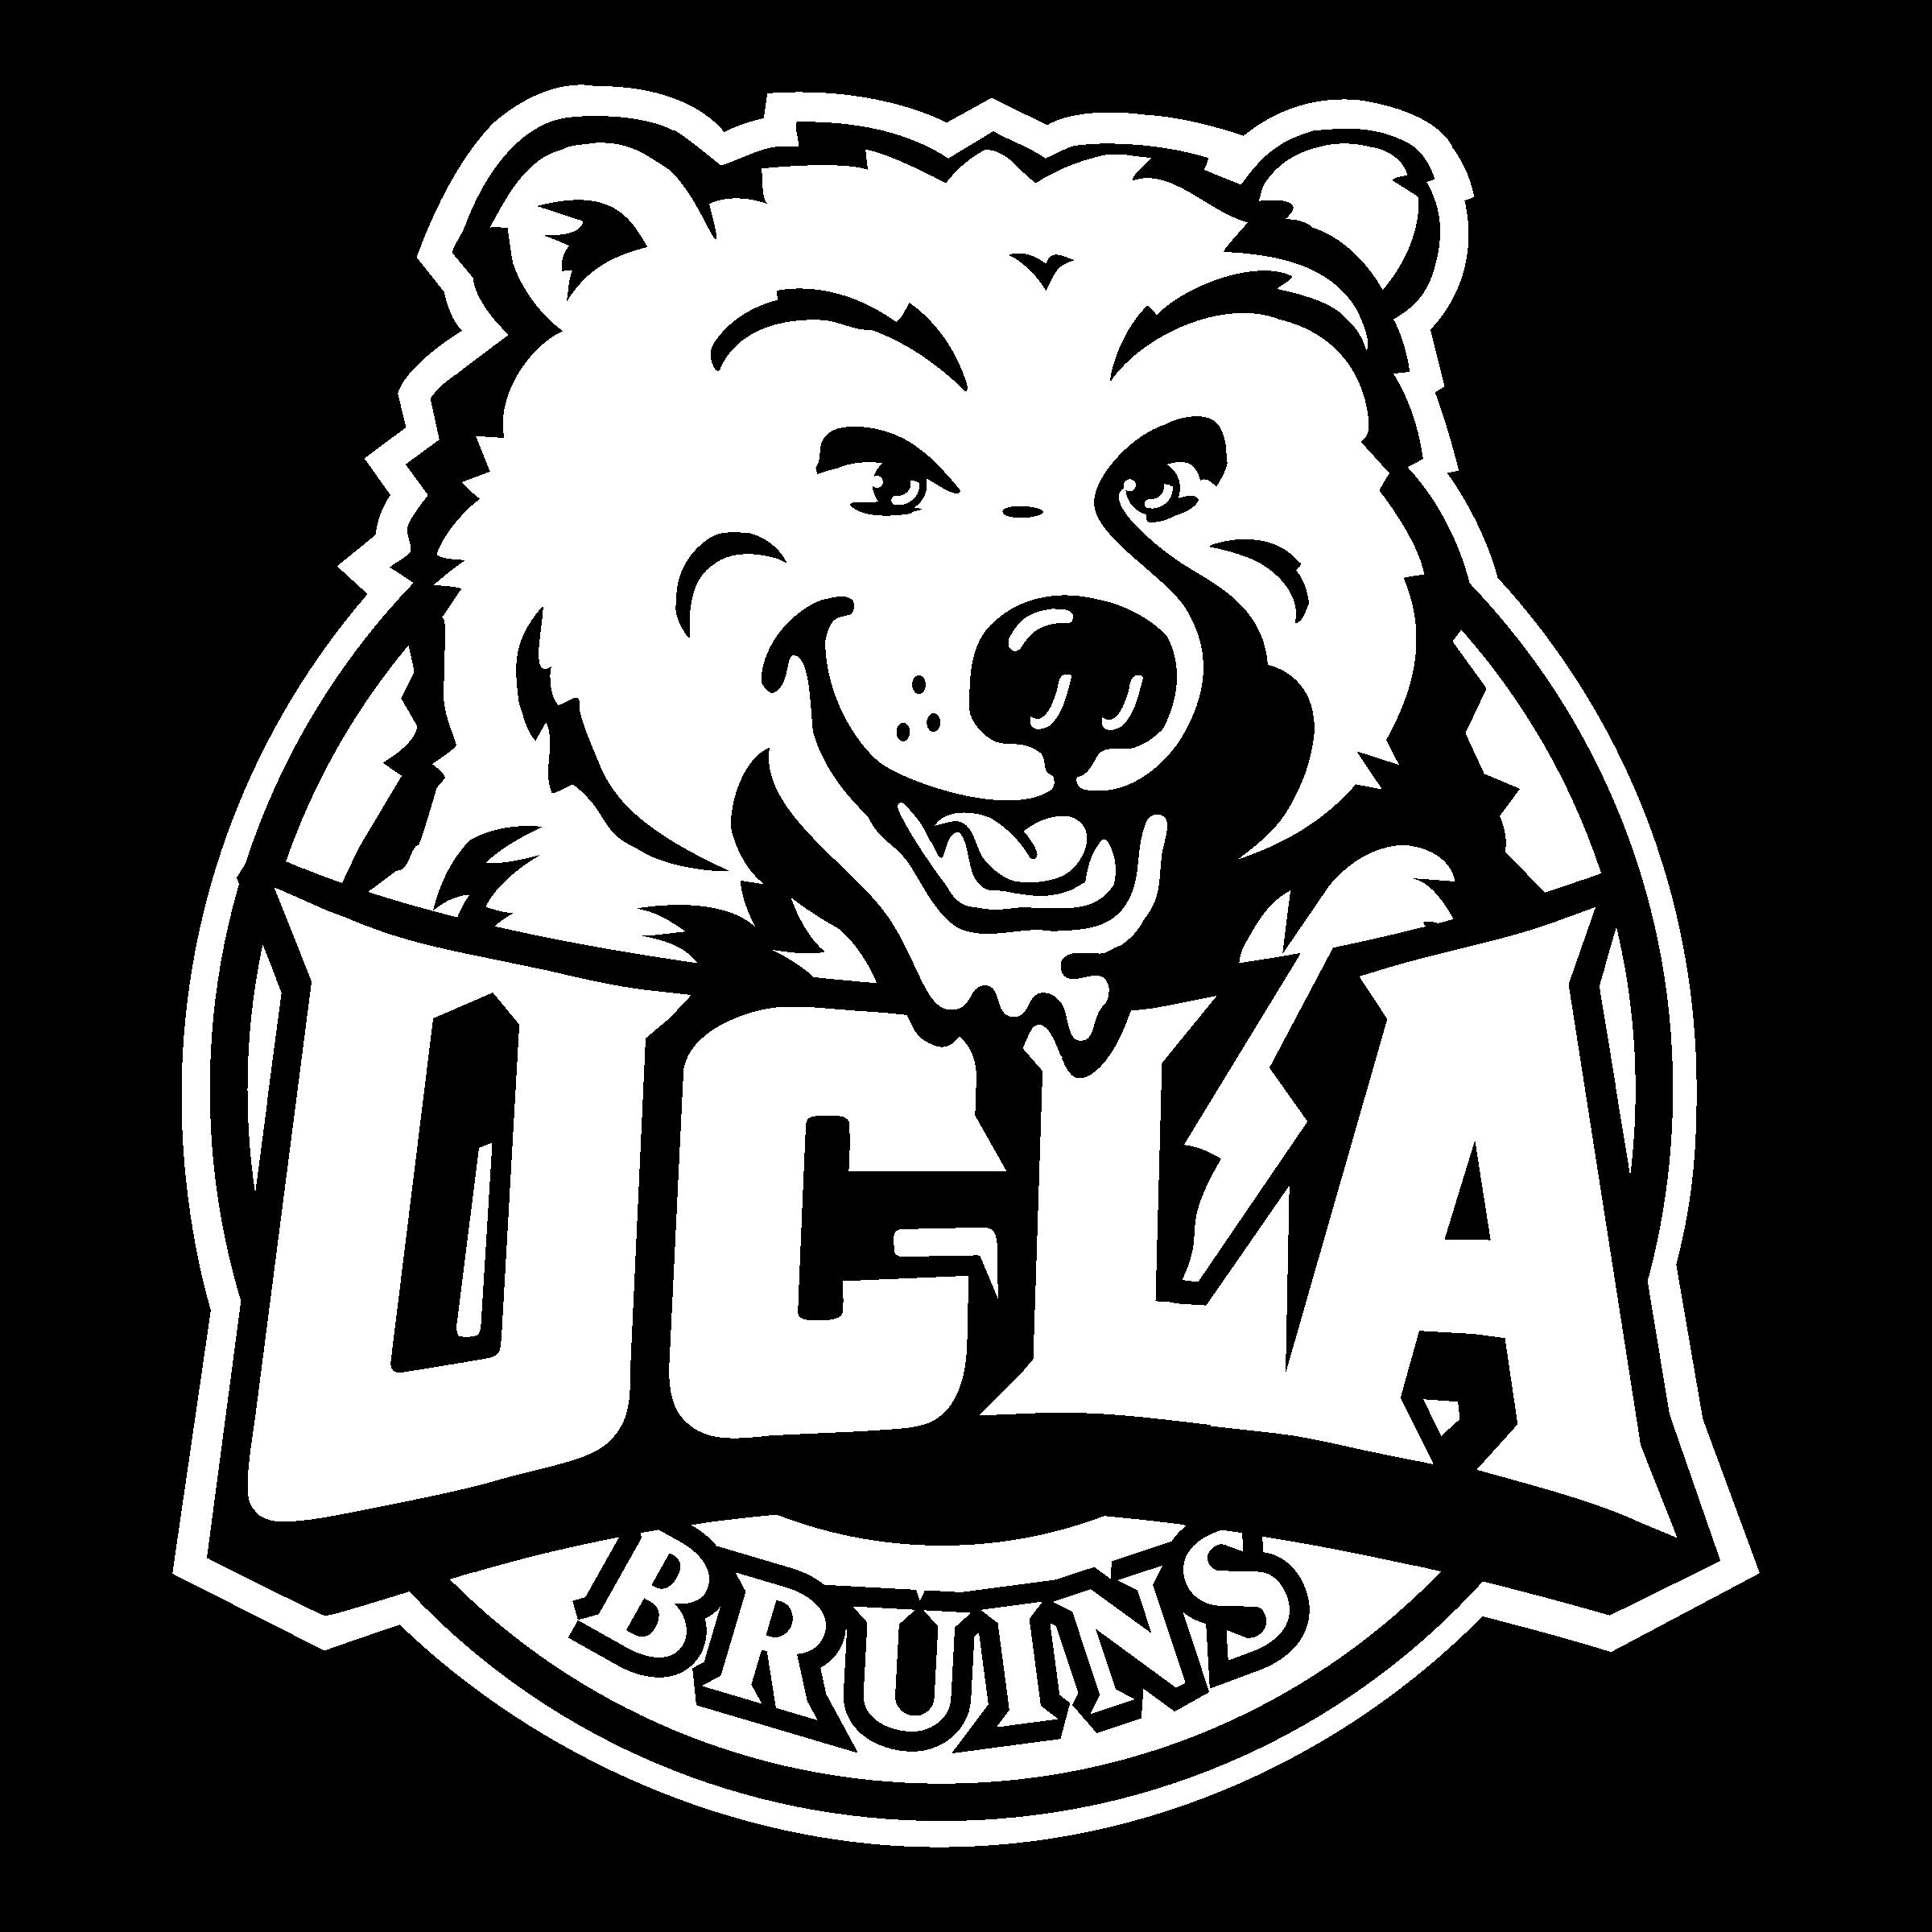 UCLA Bruins Logo PNG Transparent & SVG Vector.